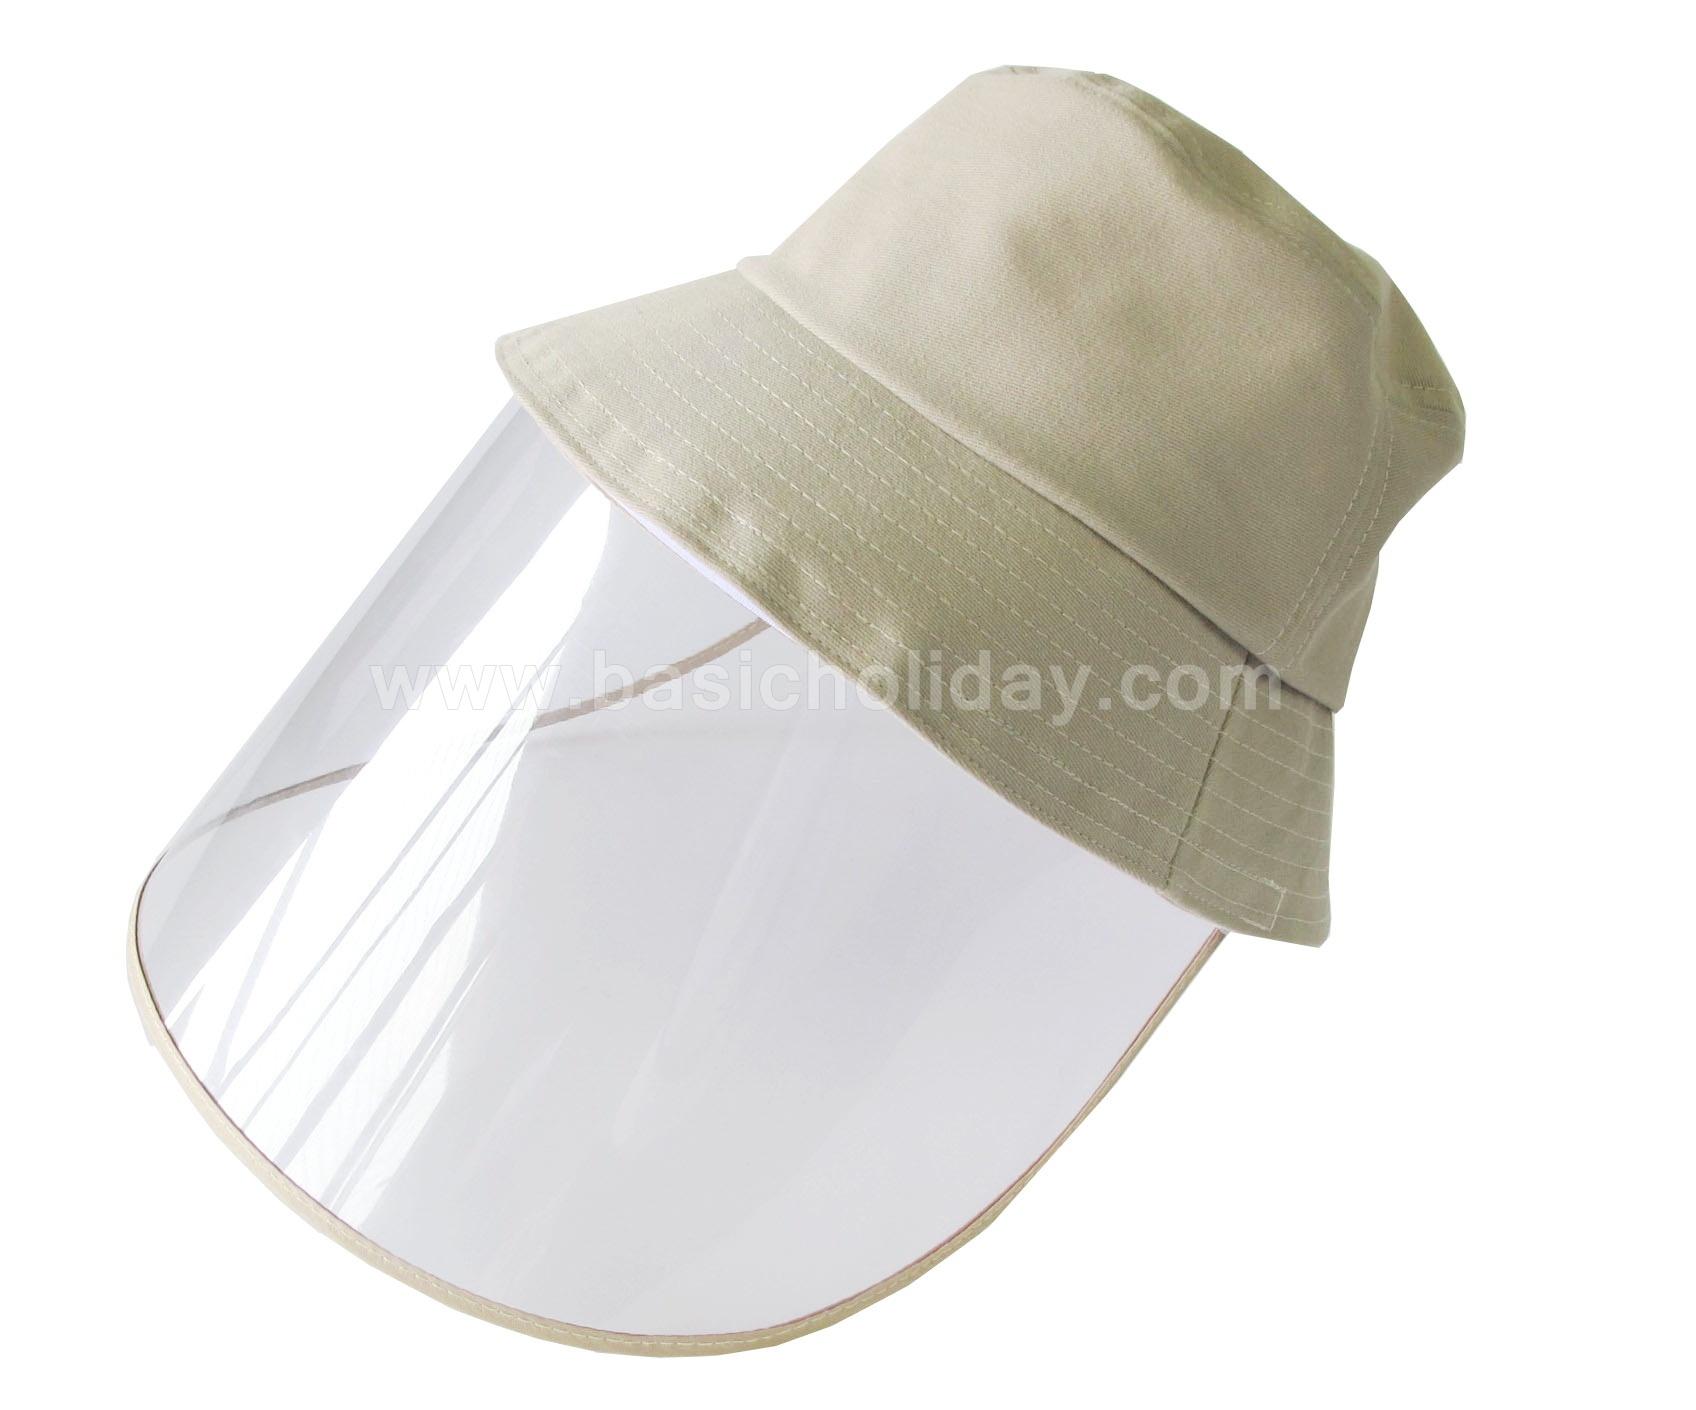 หมวกปีกรอบ หมวกปีกรอบแบบ Face Shield กันละอองไอ จามและเสมหะ